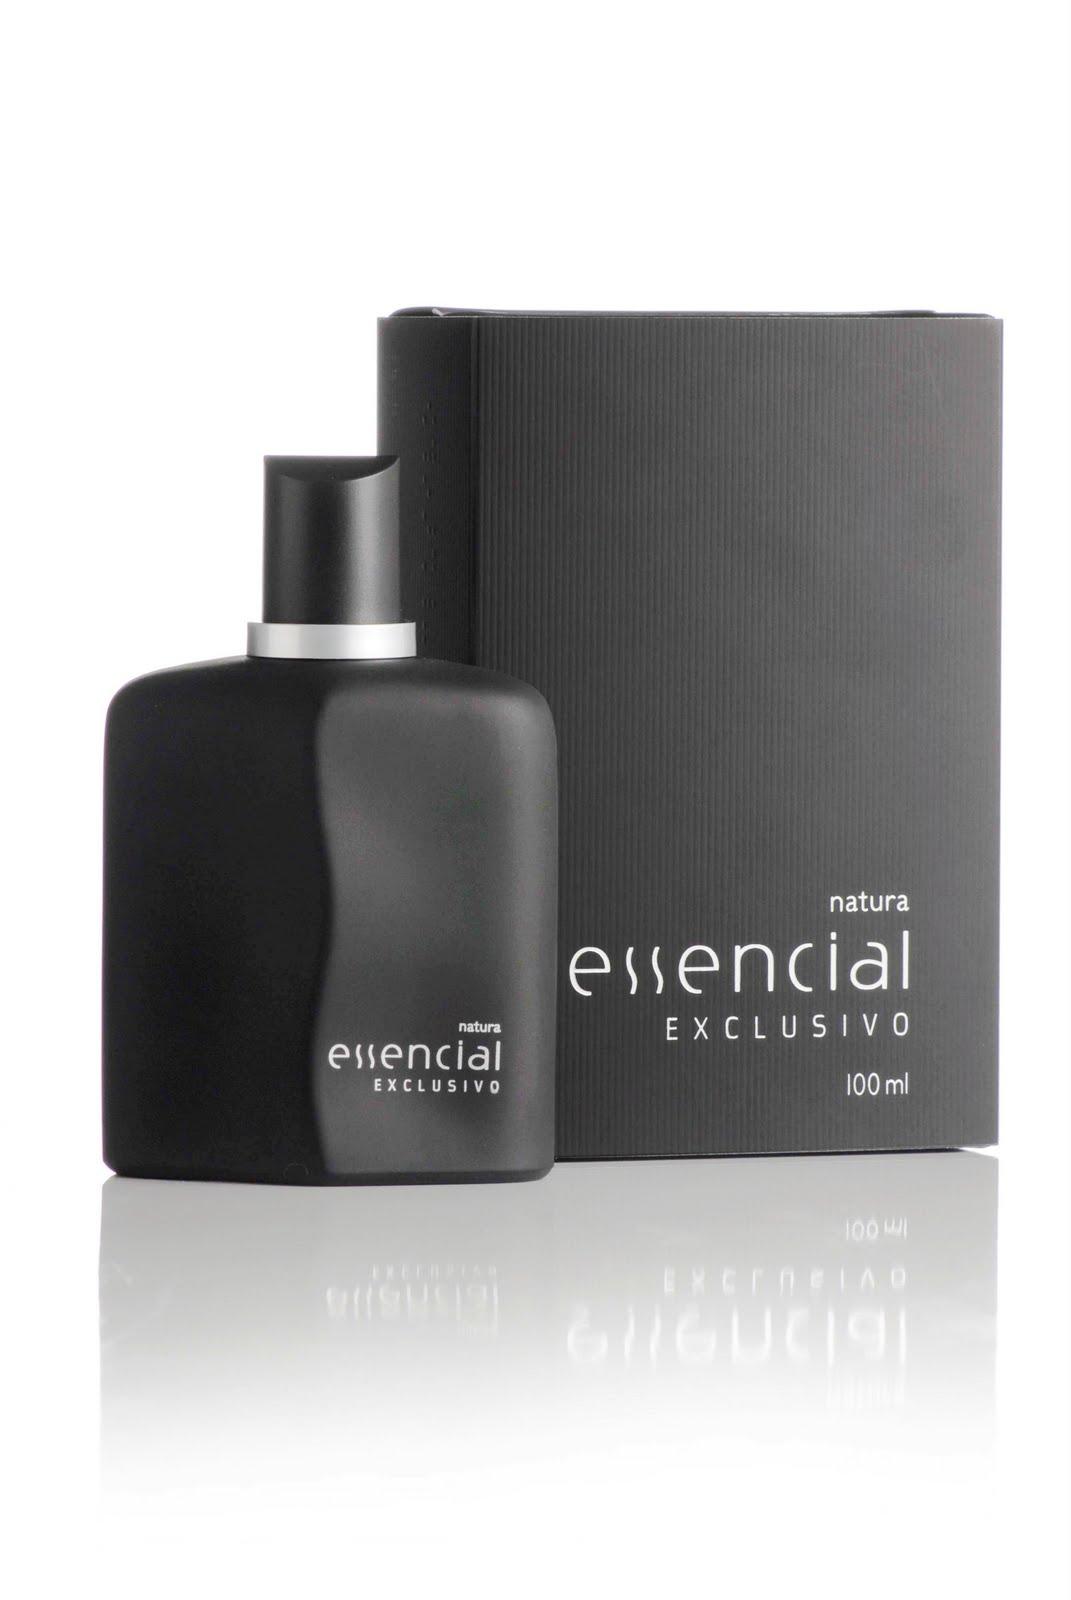 0ed15c090 Unindo modernidade e elegância em uma nova fragrância, a Natura traz  lançamento para sua linha de perfumaria masculina: o Eau de Parfum Natura  Essencial ...